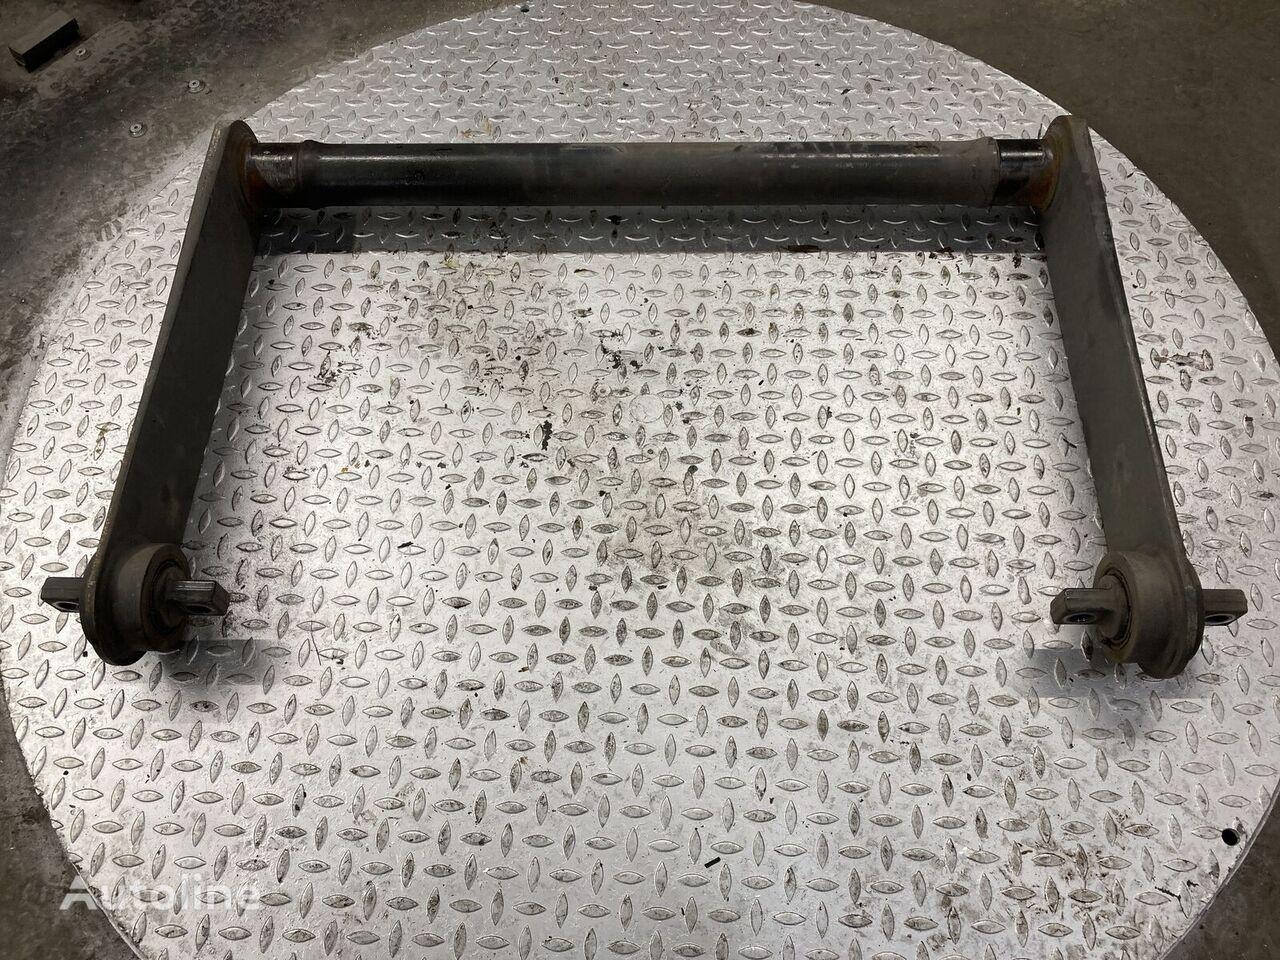 pezzi di ricambi Torsiestaaf achteras MERCEDES-BENZ per camion MERCEDES-BENZ Torsiestaaf achteras